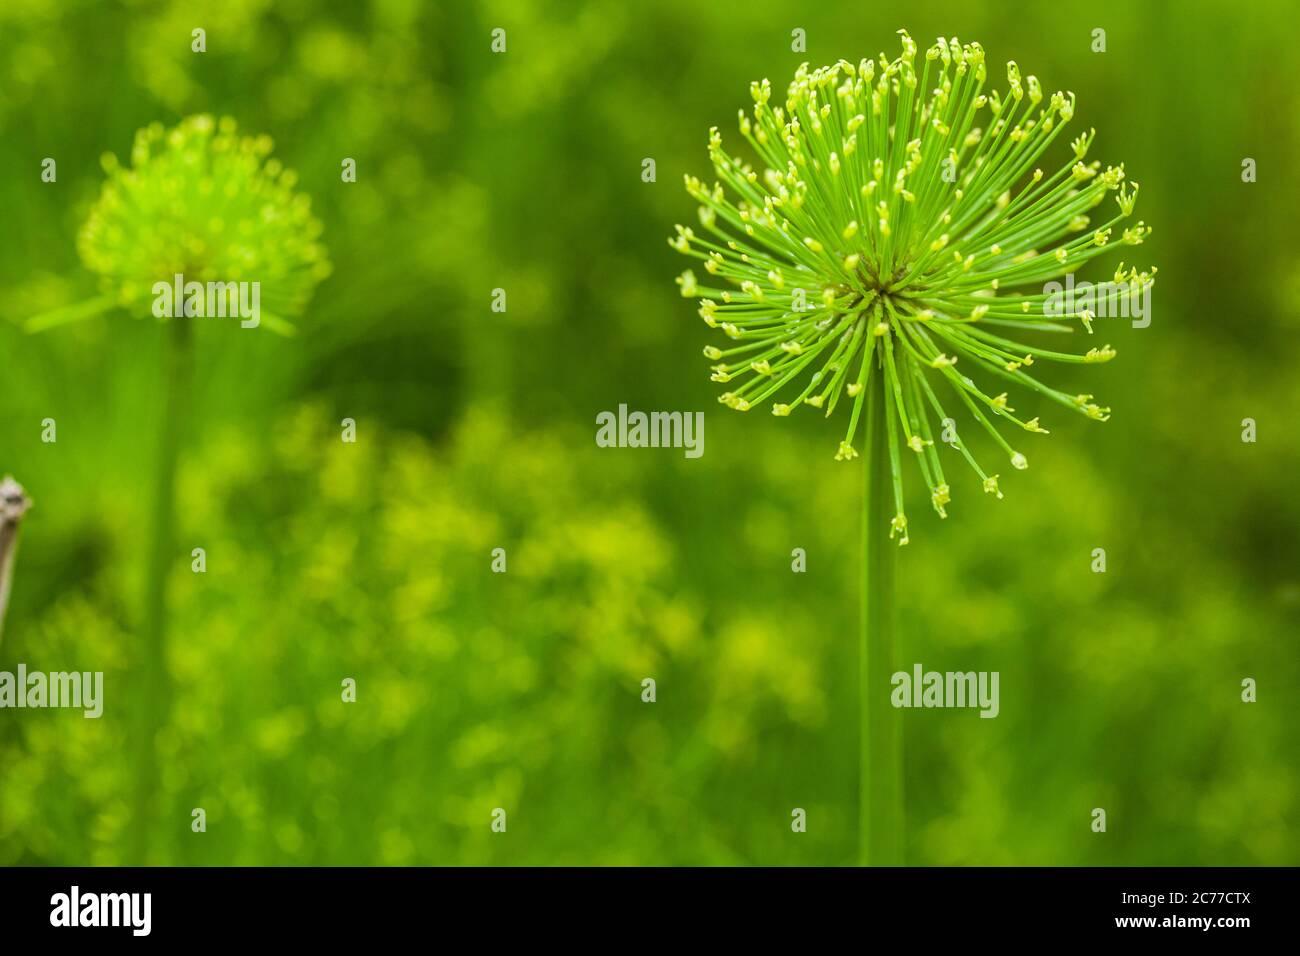 plants-outdoor-2C77CTX.jpg